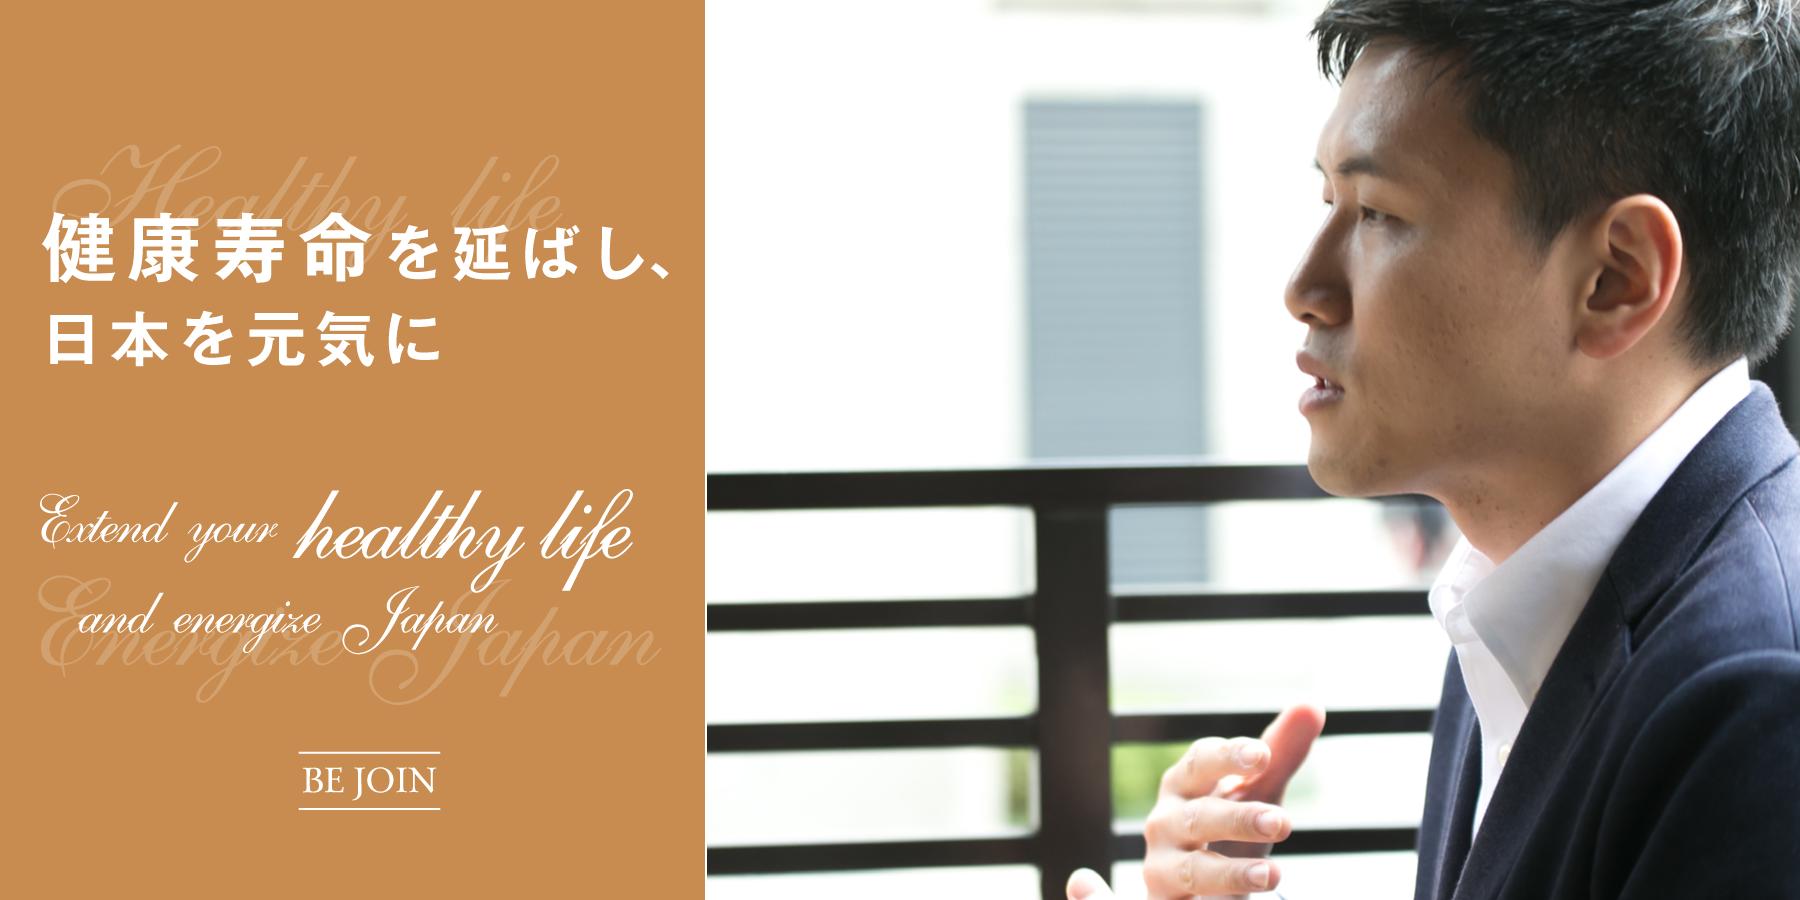 健康寿命を延ばし、日本を元気に